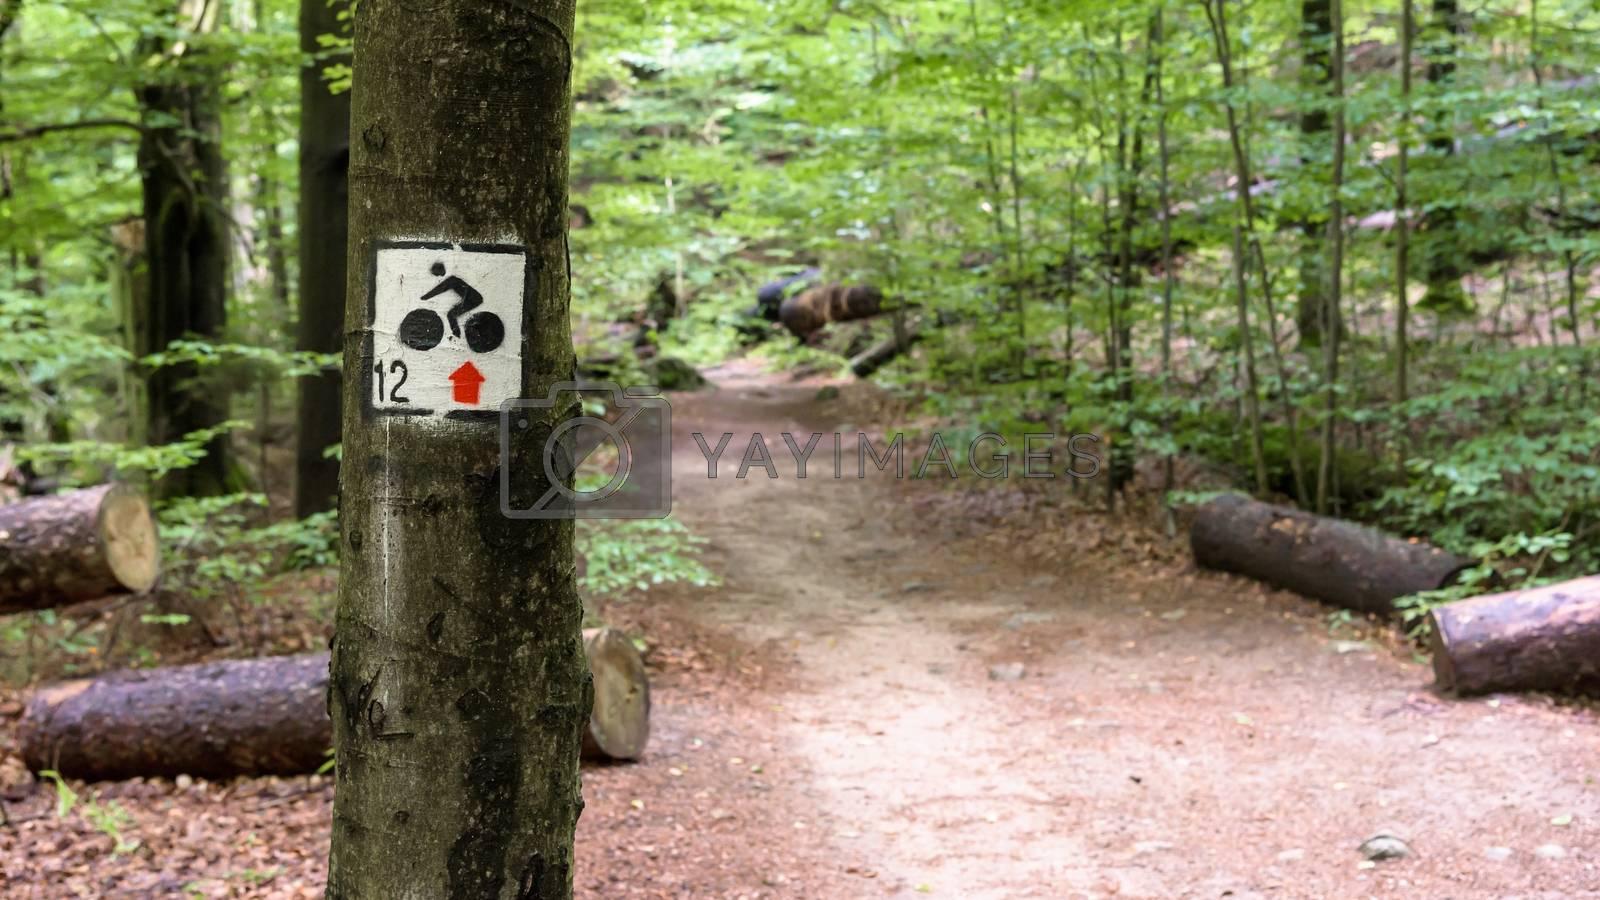 Bike mountain trail in a forest near Szklarska Poreba in Giant Mountains, Poland